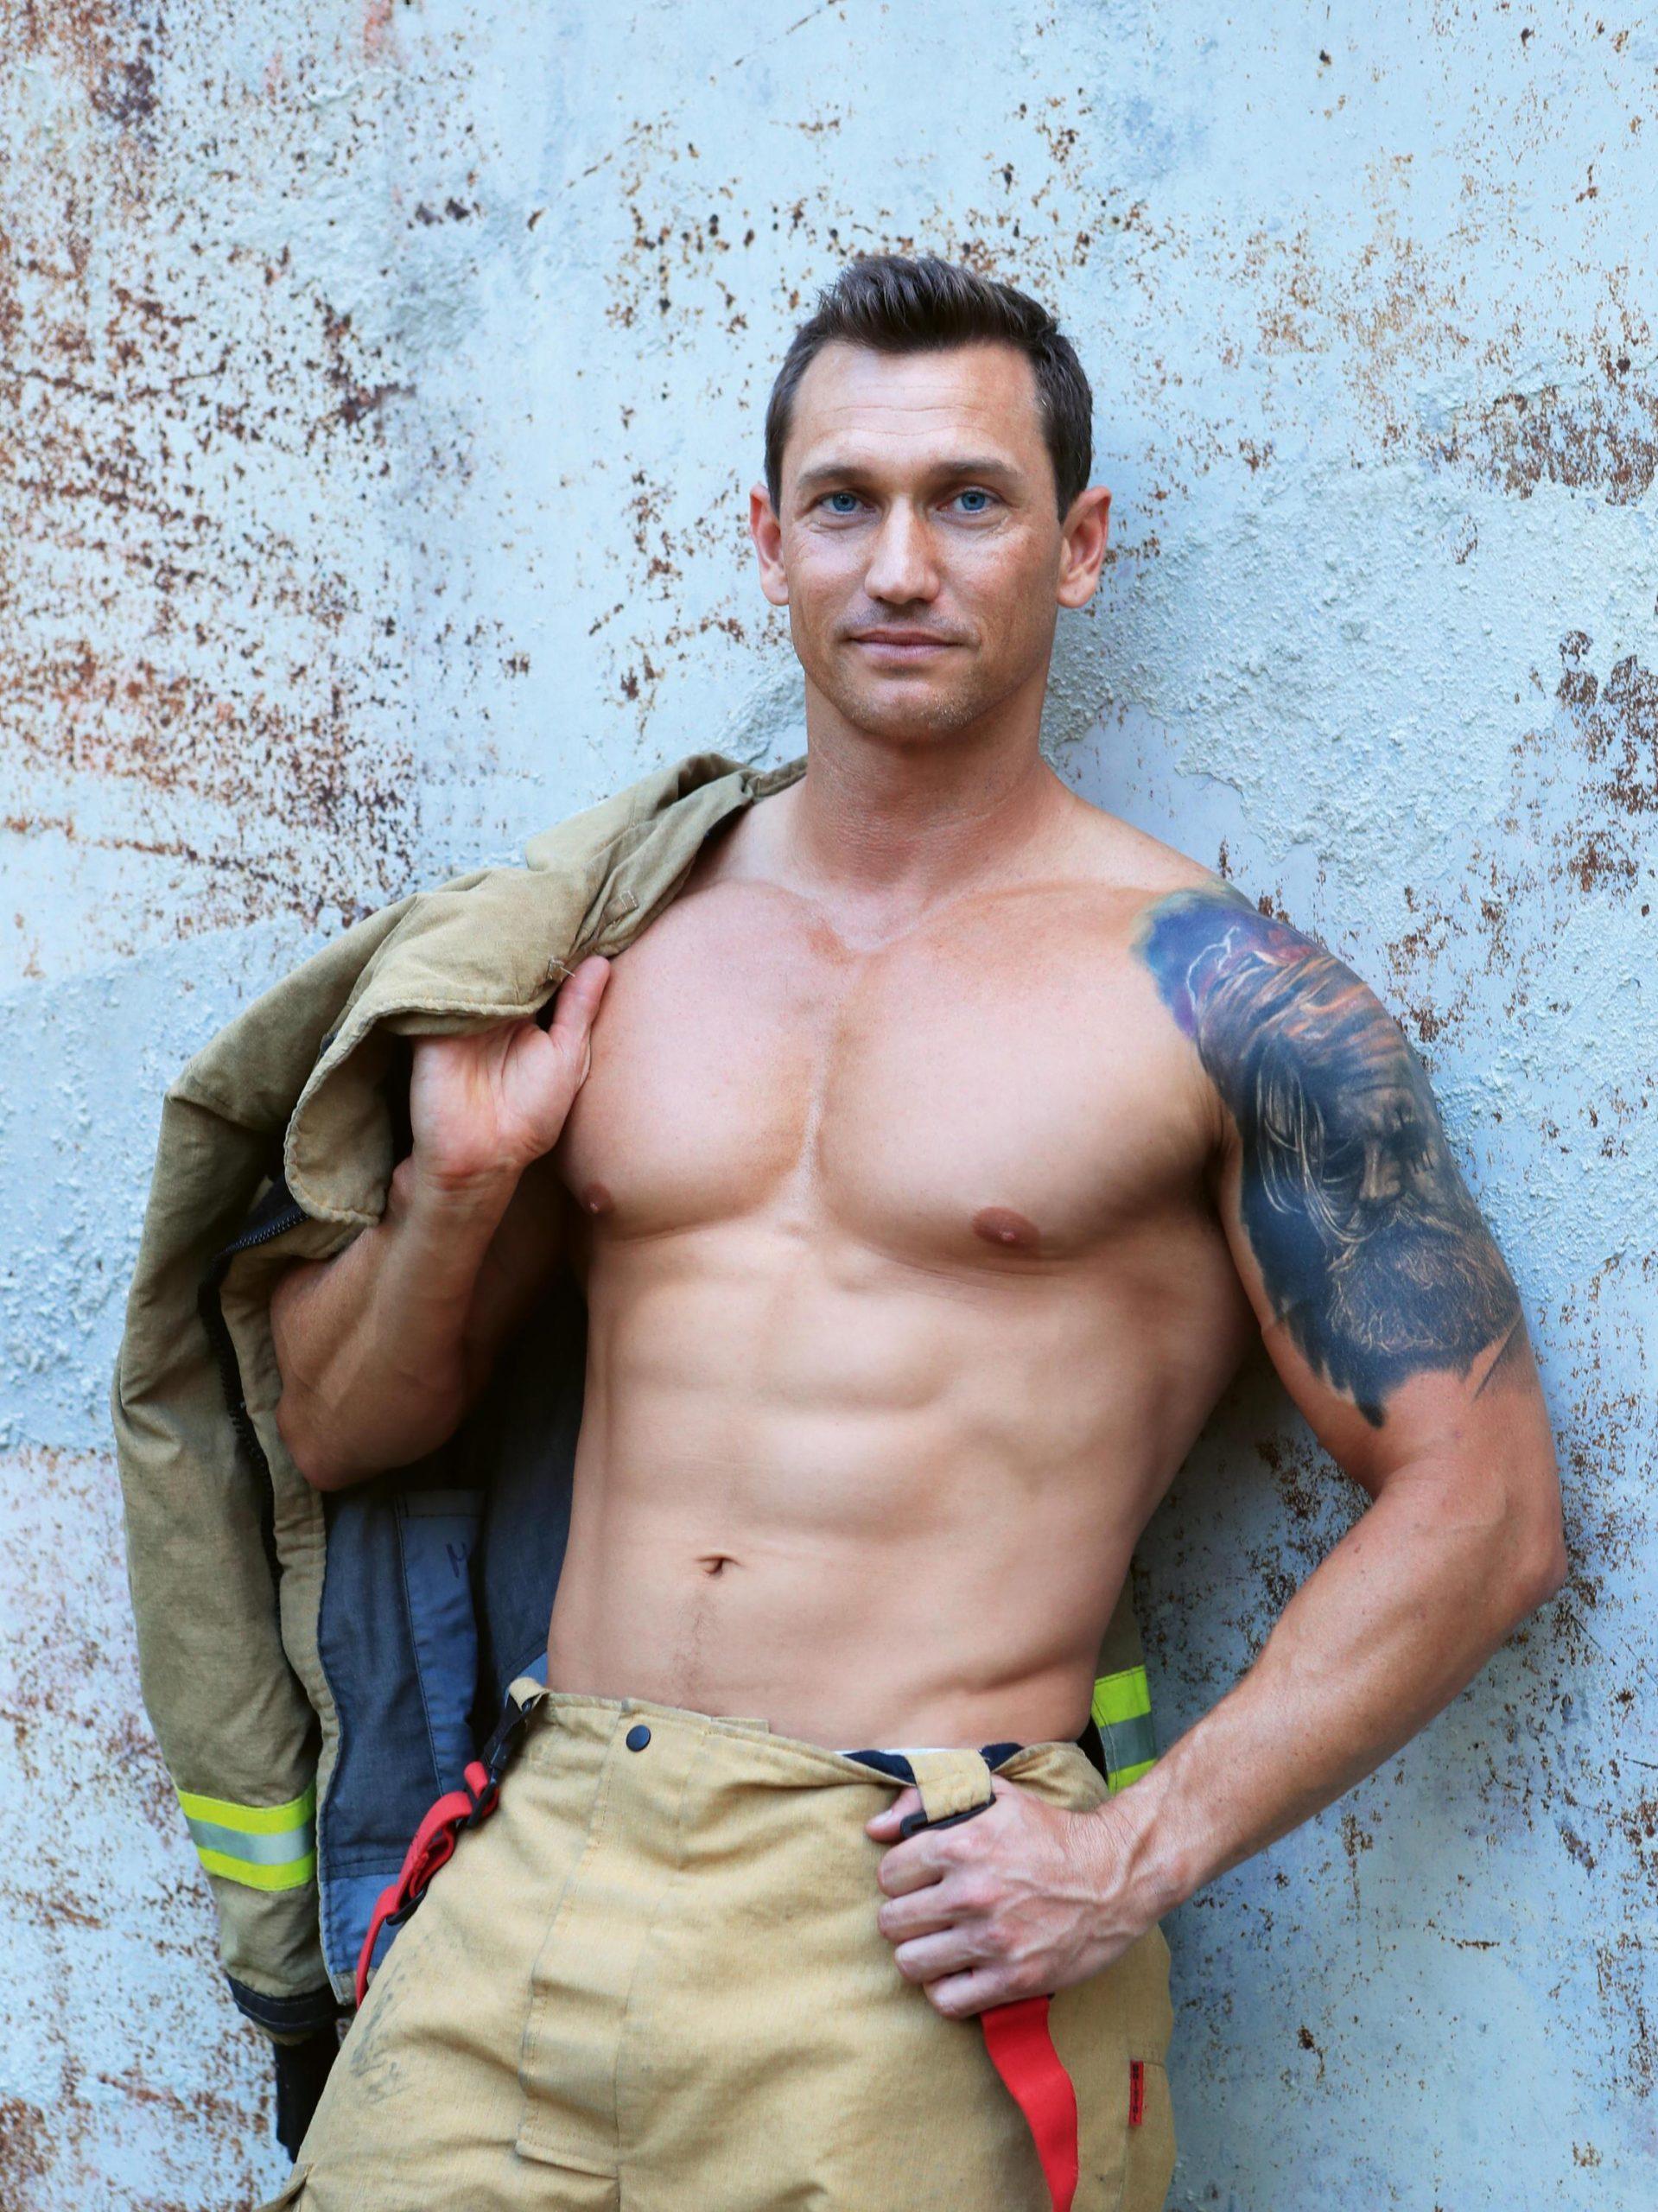 Australian Firefighters Calendar 2021: Bei Diesem Anblick Throughout Houston Fire 2021 Schuele